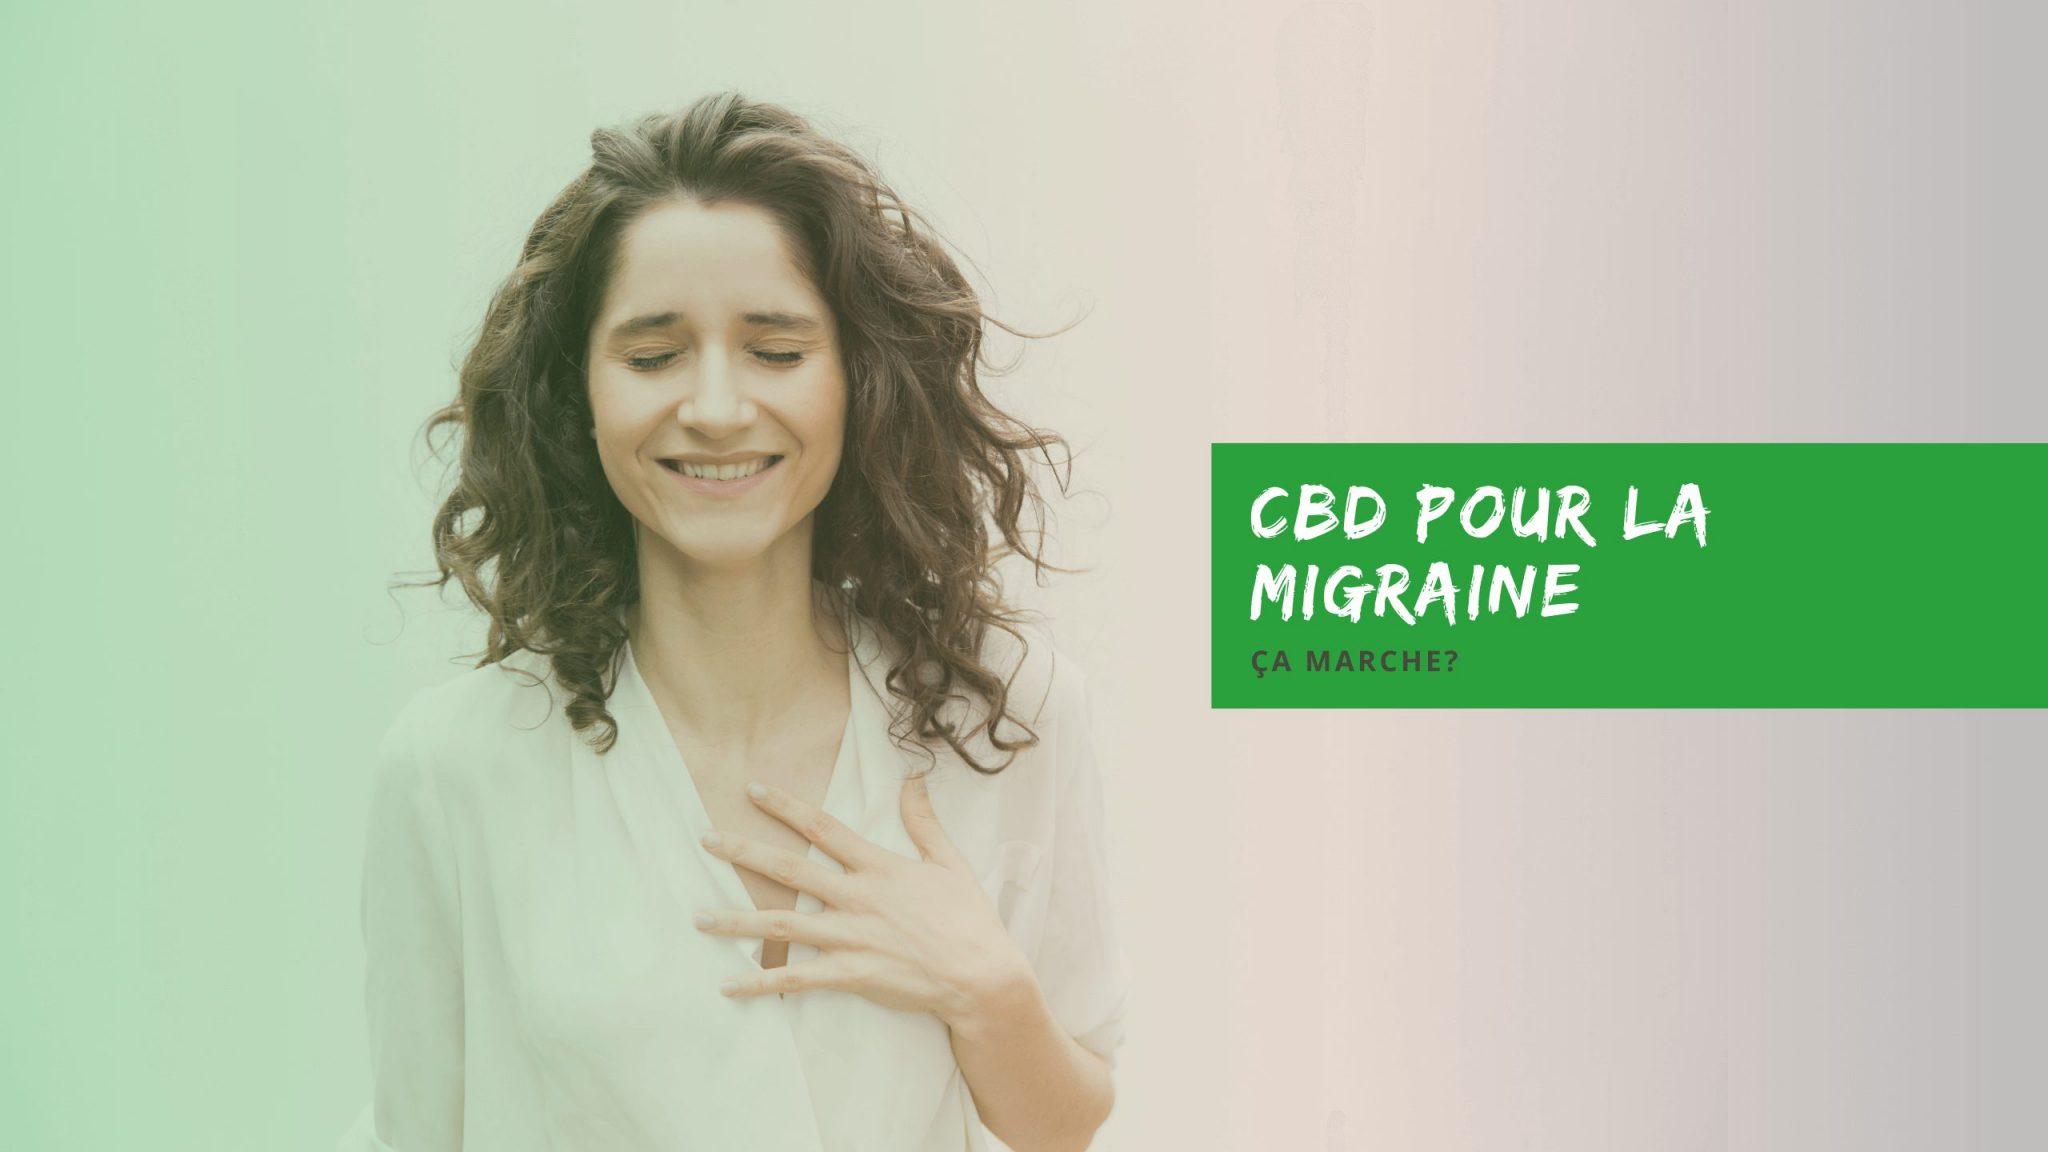 CBD pour la migraine ca marche 1